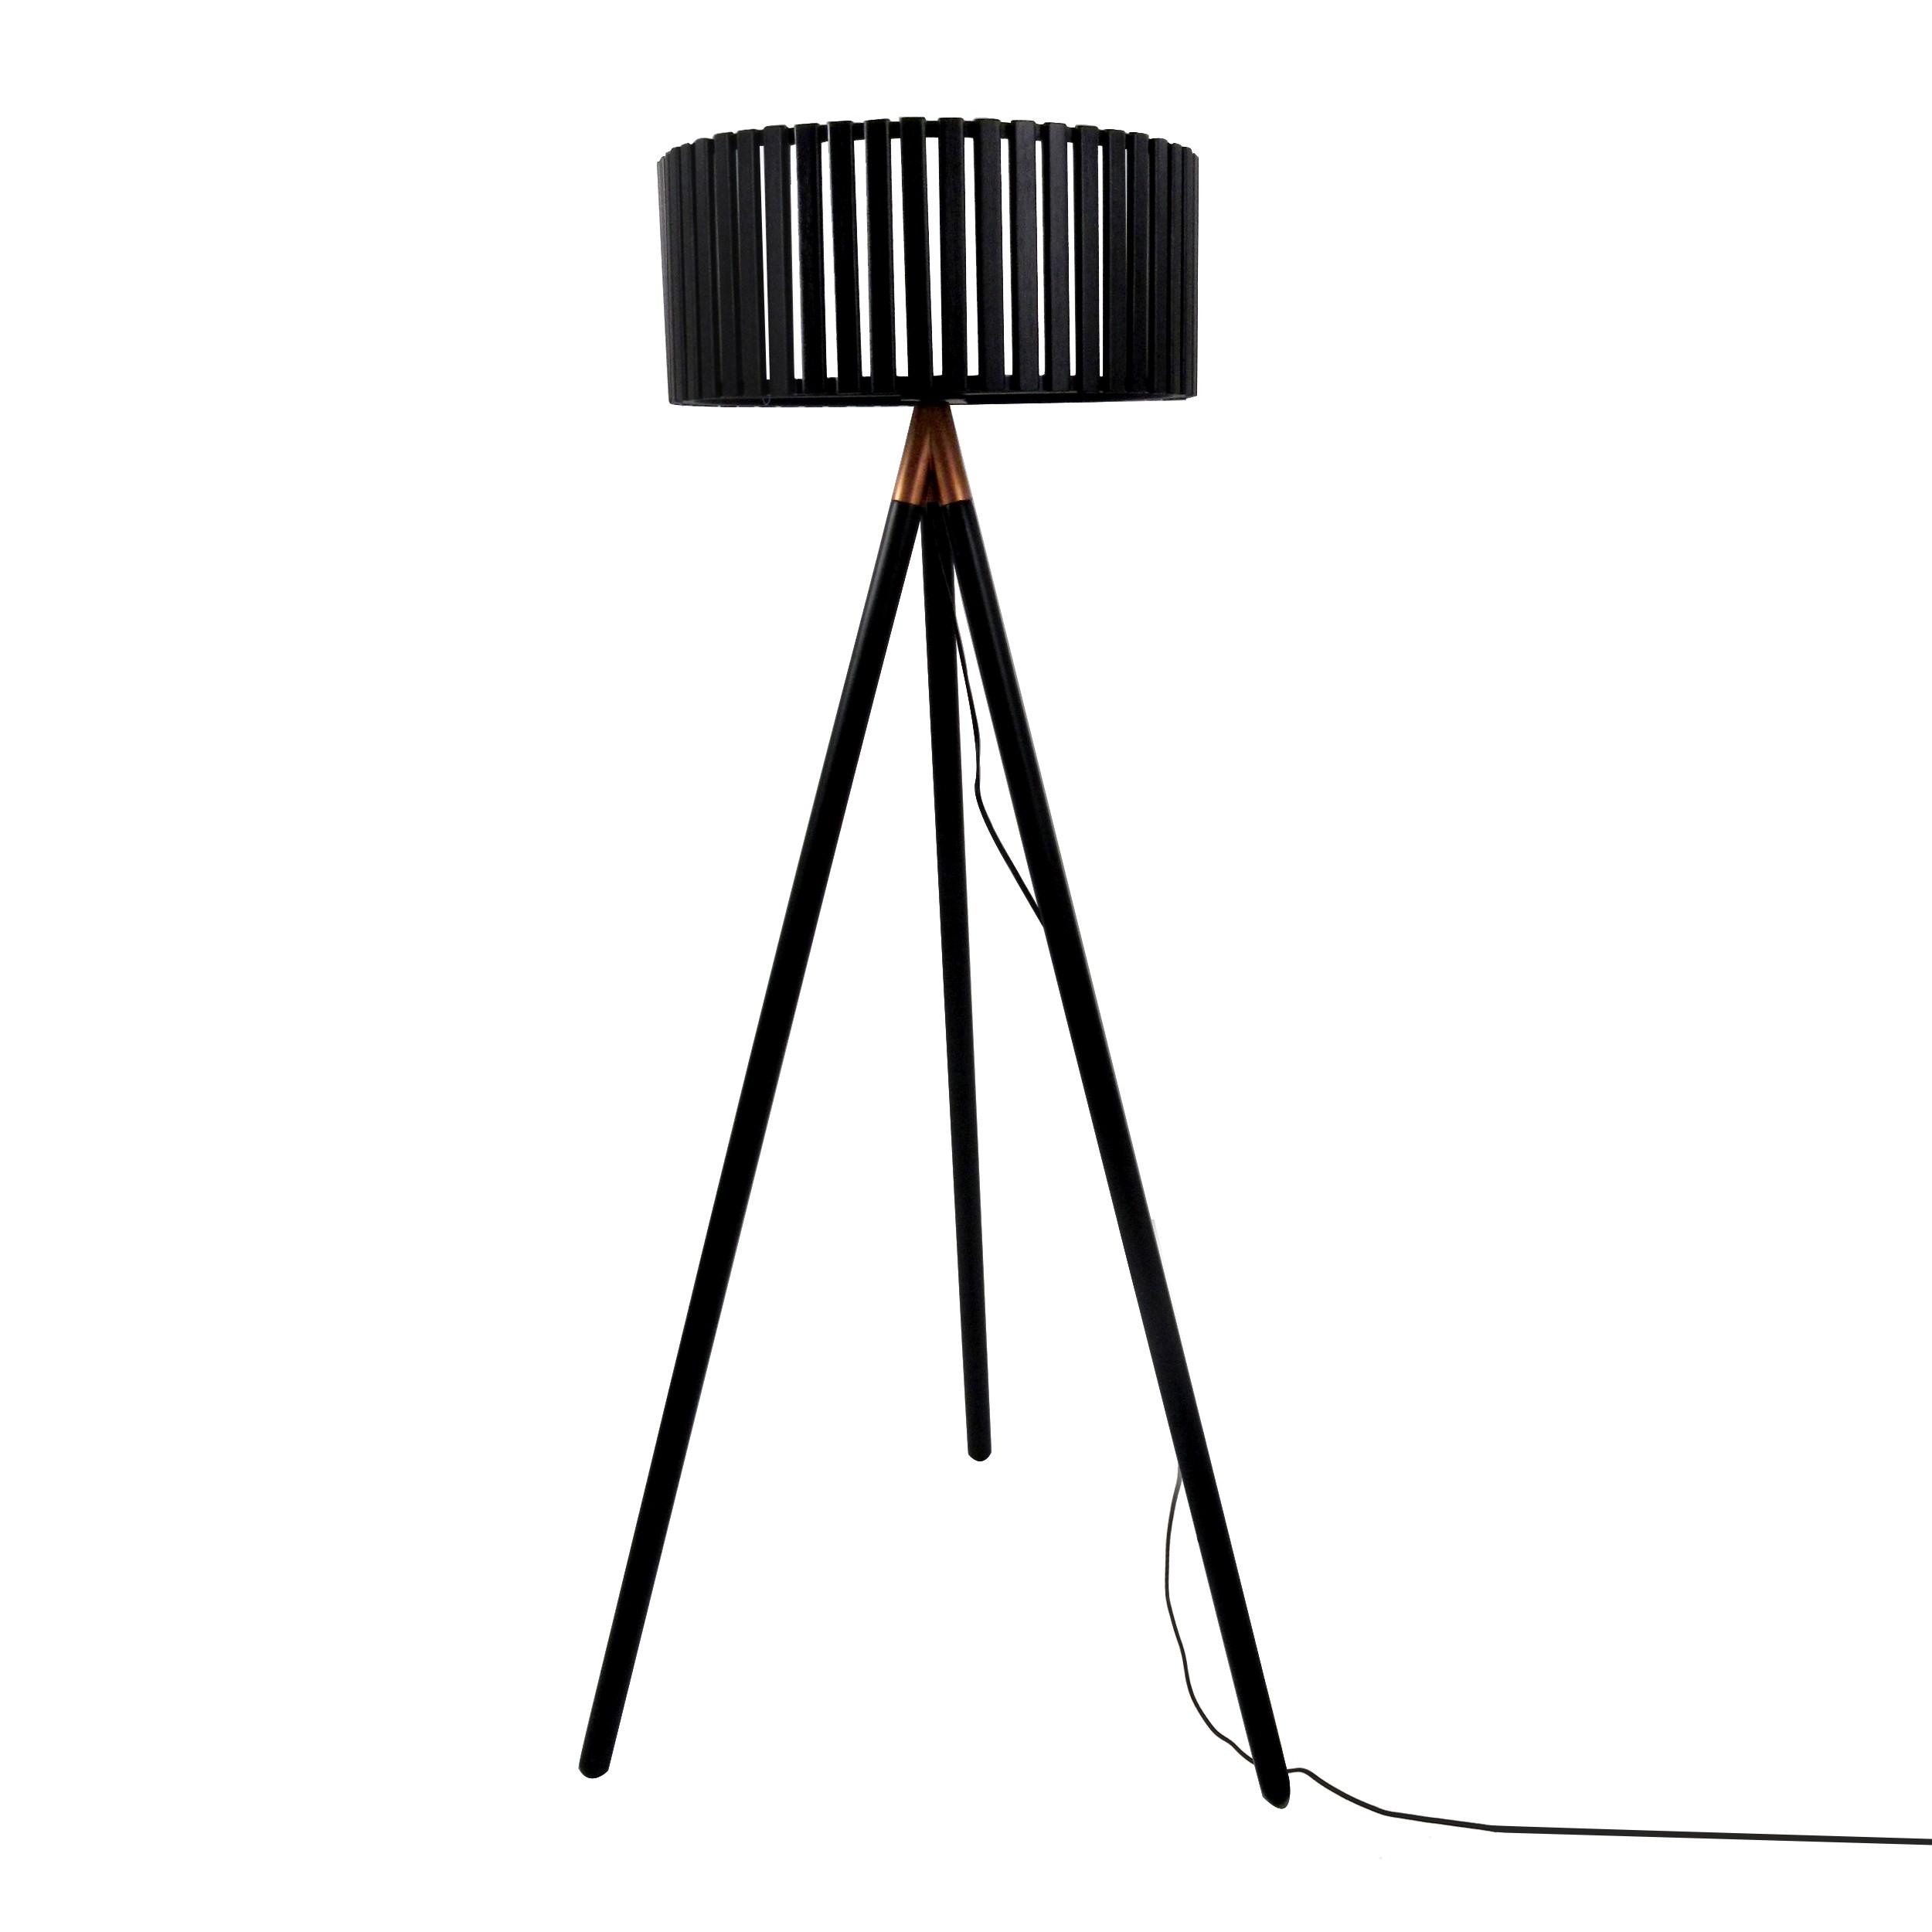 Lampadaire Trepied Pas Cher : lampadaire tr pied dolga noir achetez nos lampadaires tr pied dolga noirs prix d 39 usine rdv d co ~ Teatrodelosmanantiales.com Idées de Décoration